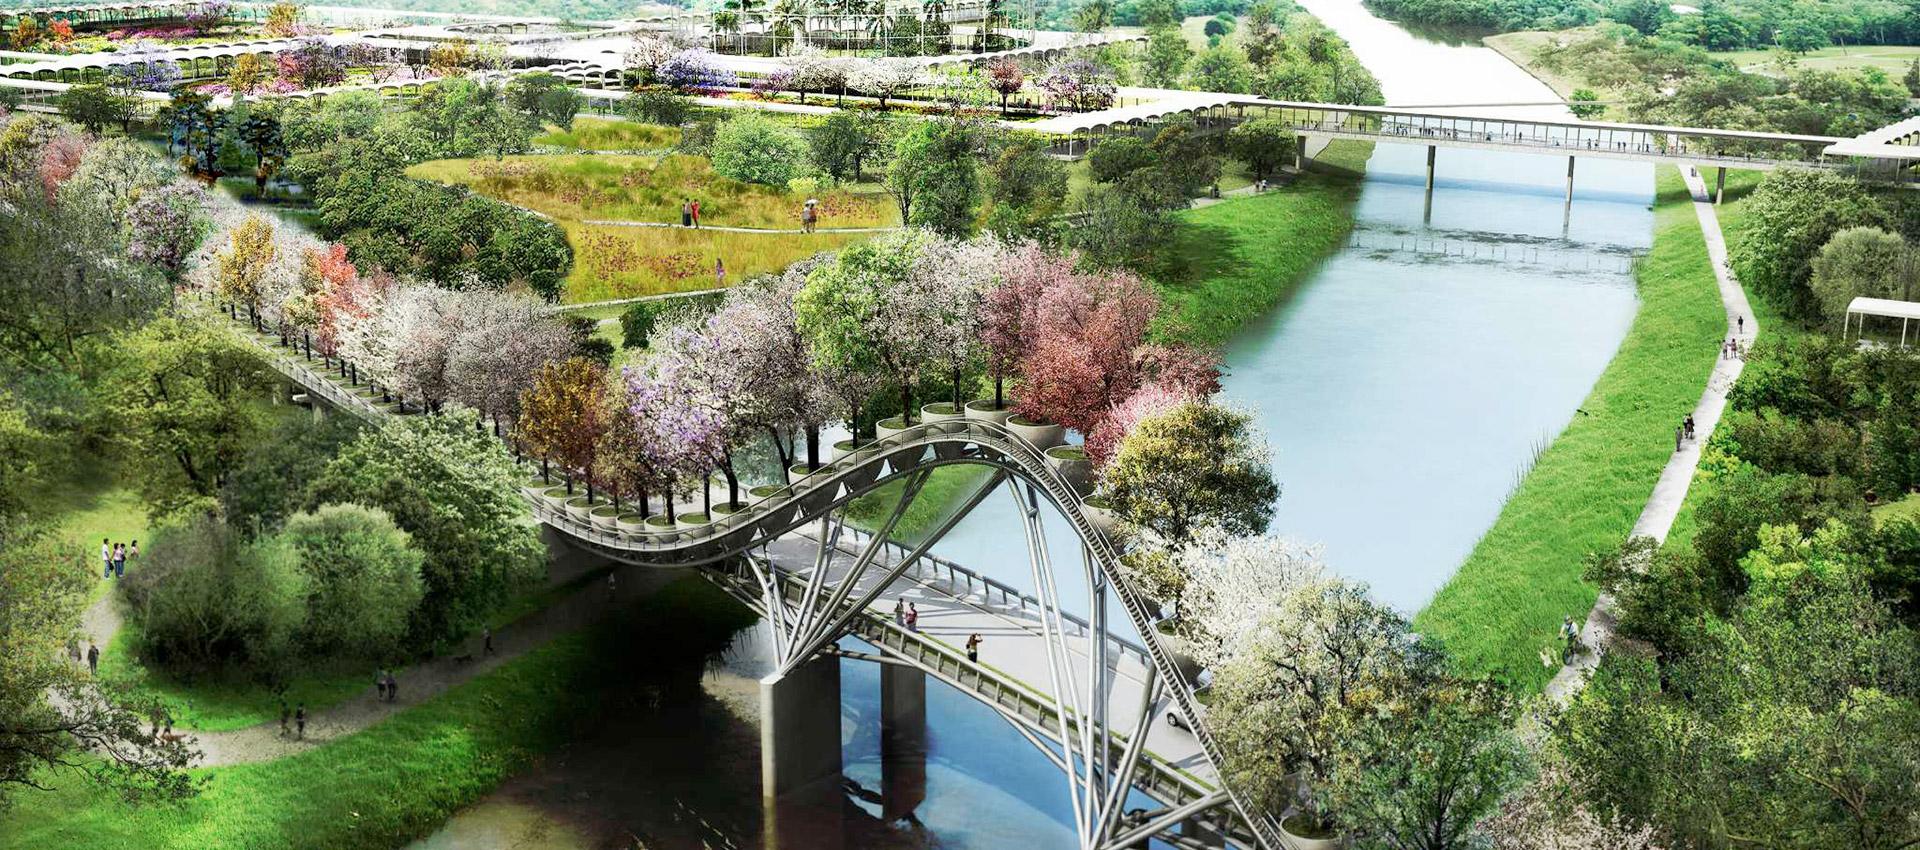 Houston Botanic Garden master plan design by West 8